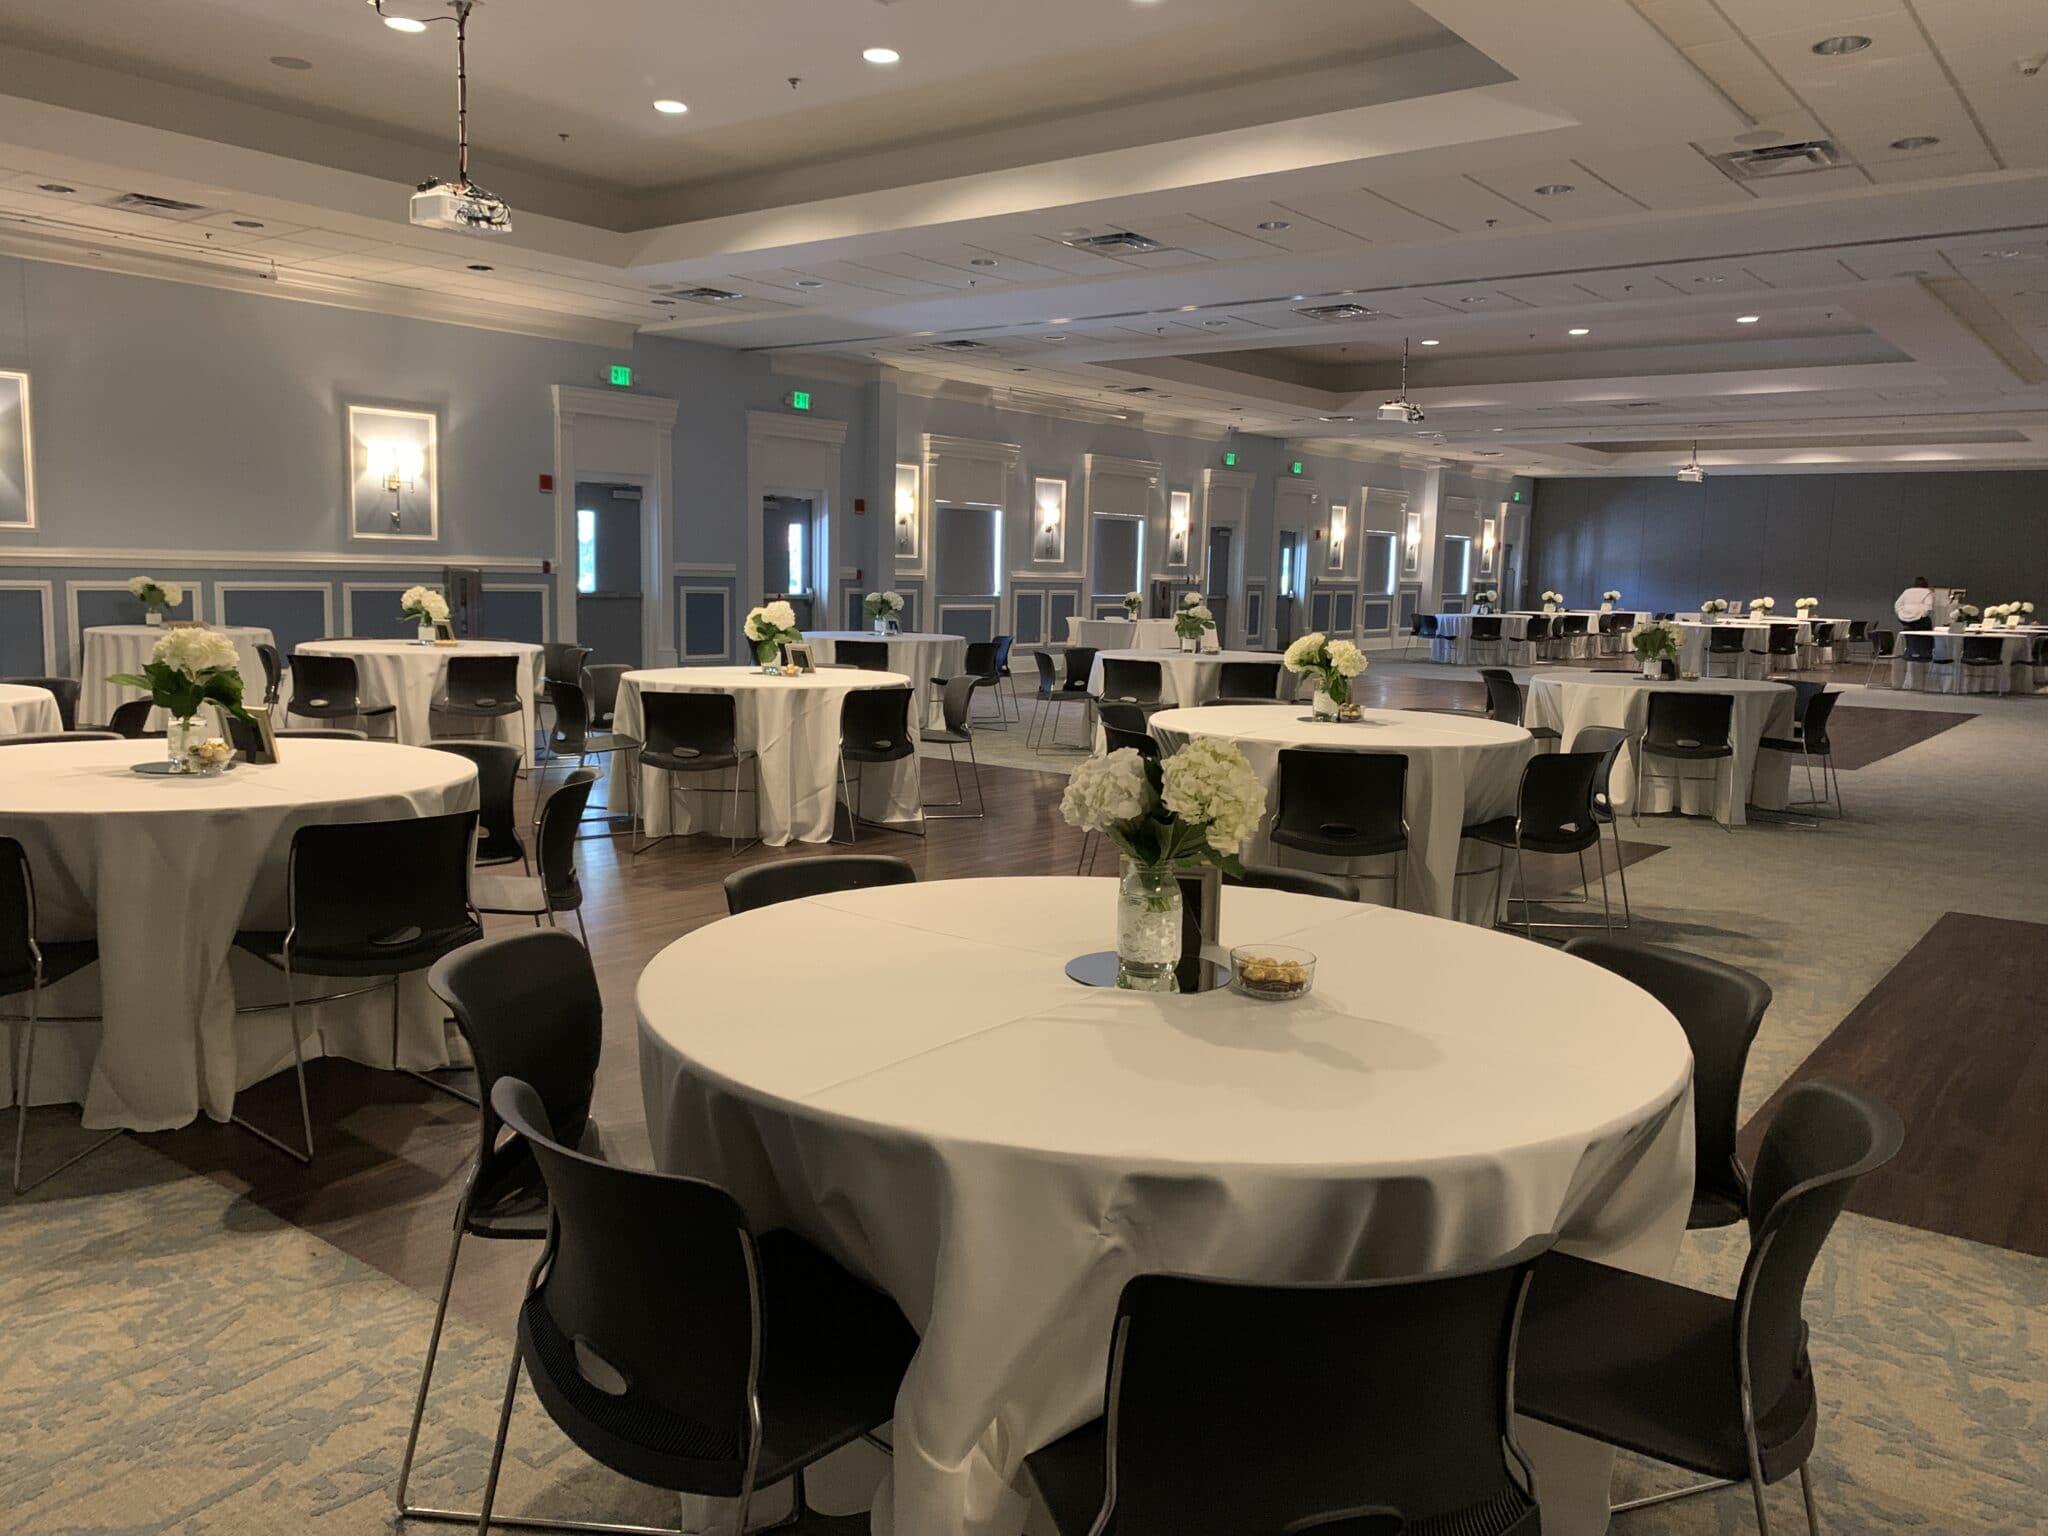 The BEV Event Center